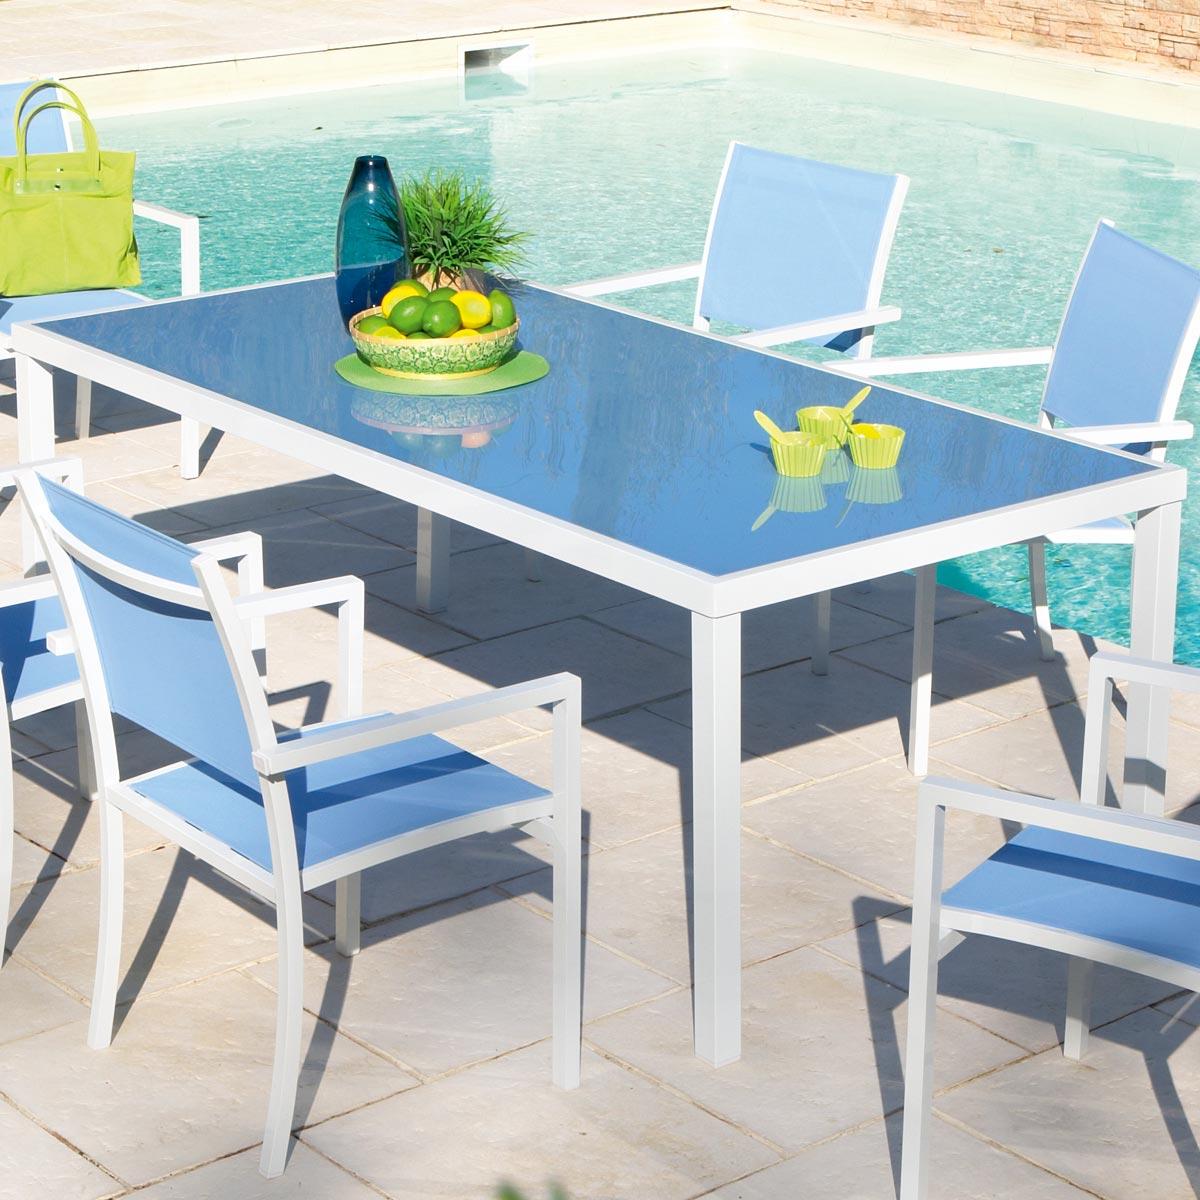 Salon de jardin plastique bleu marine - Jardin piscine et Cabane